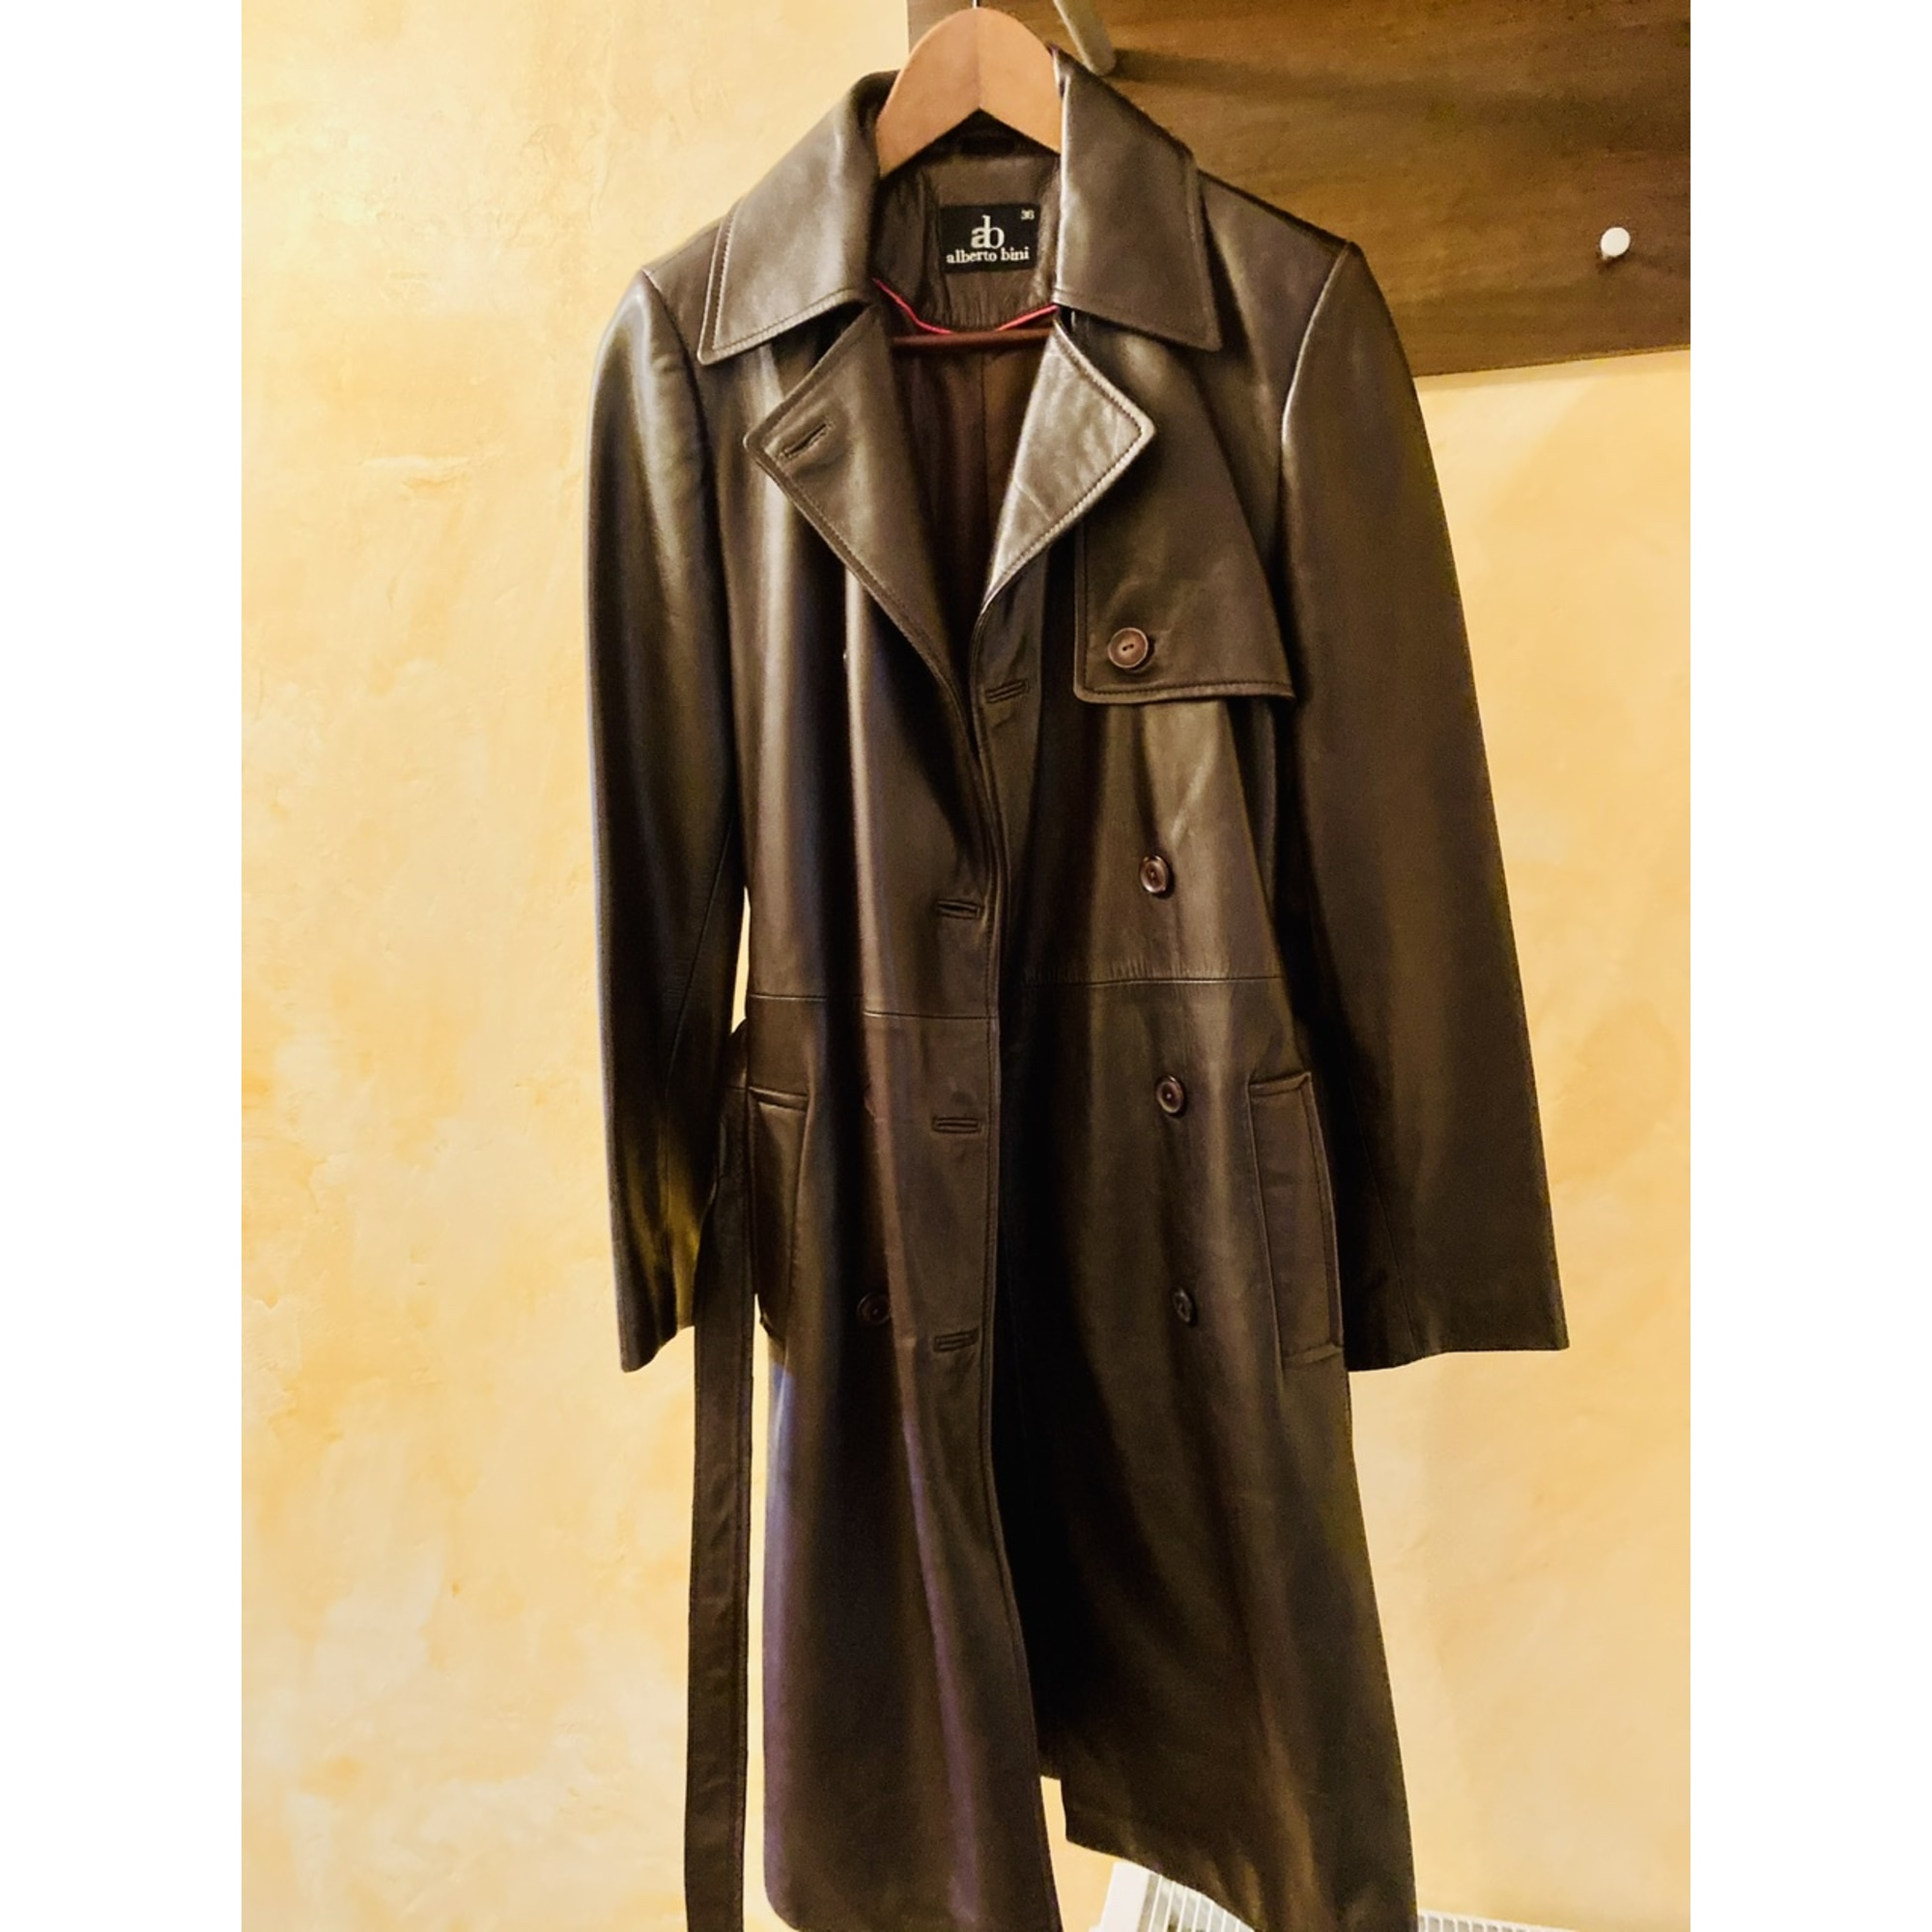 Manteau en cuir ALBERTO BINI Marron